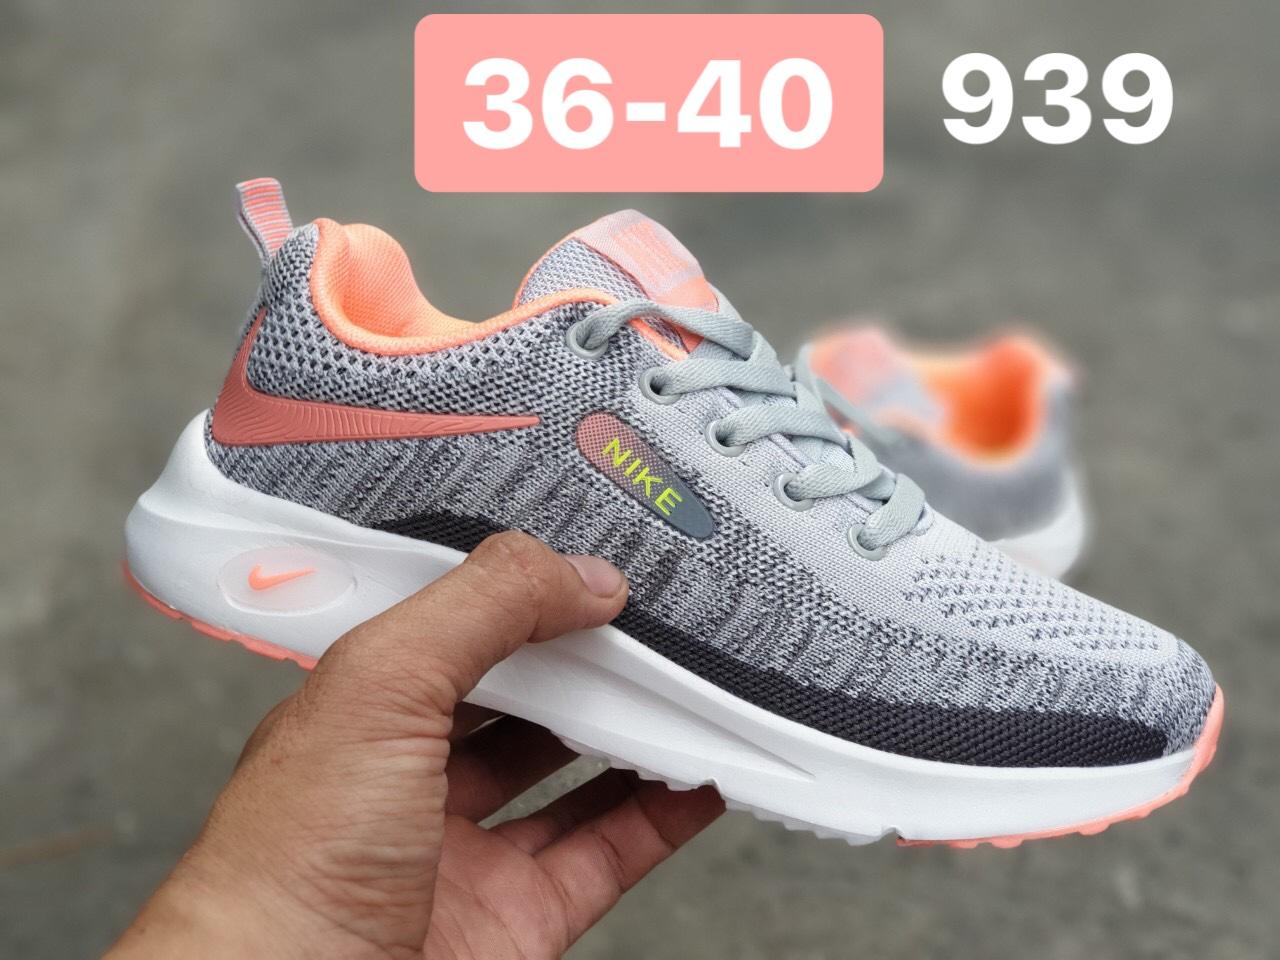 Giày Nike Zoom nữ F19 màu xám cam